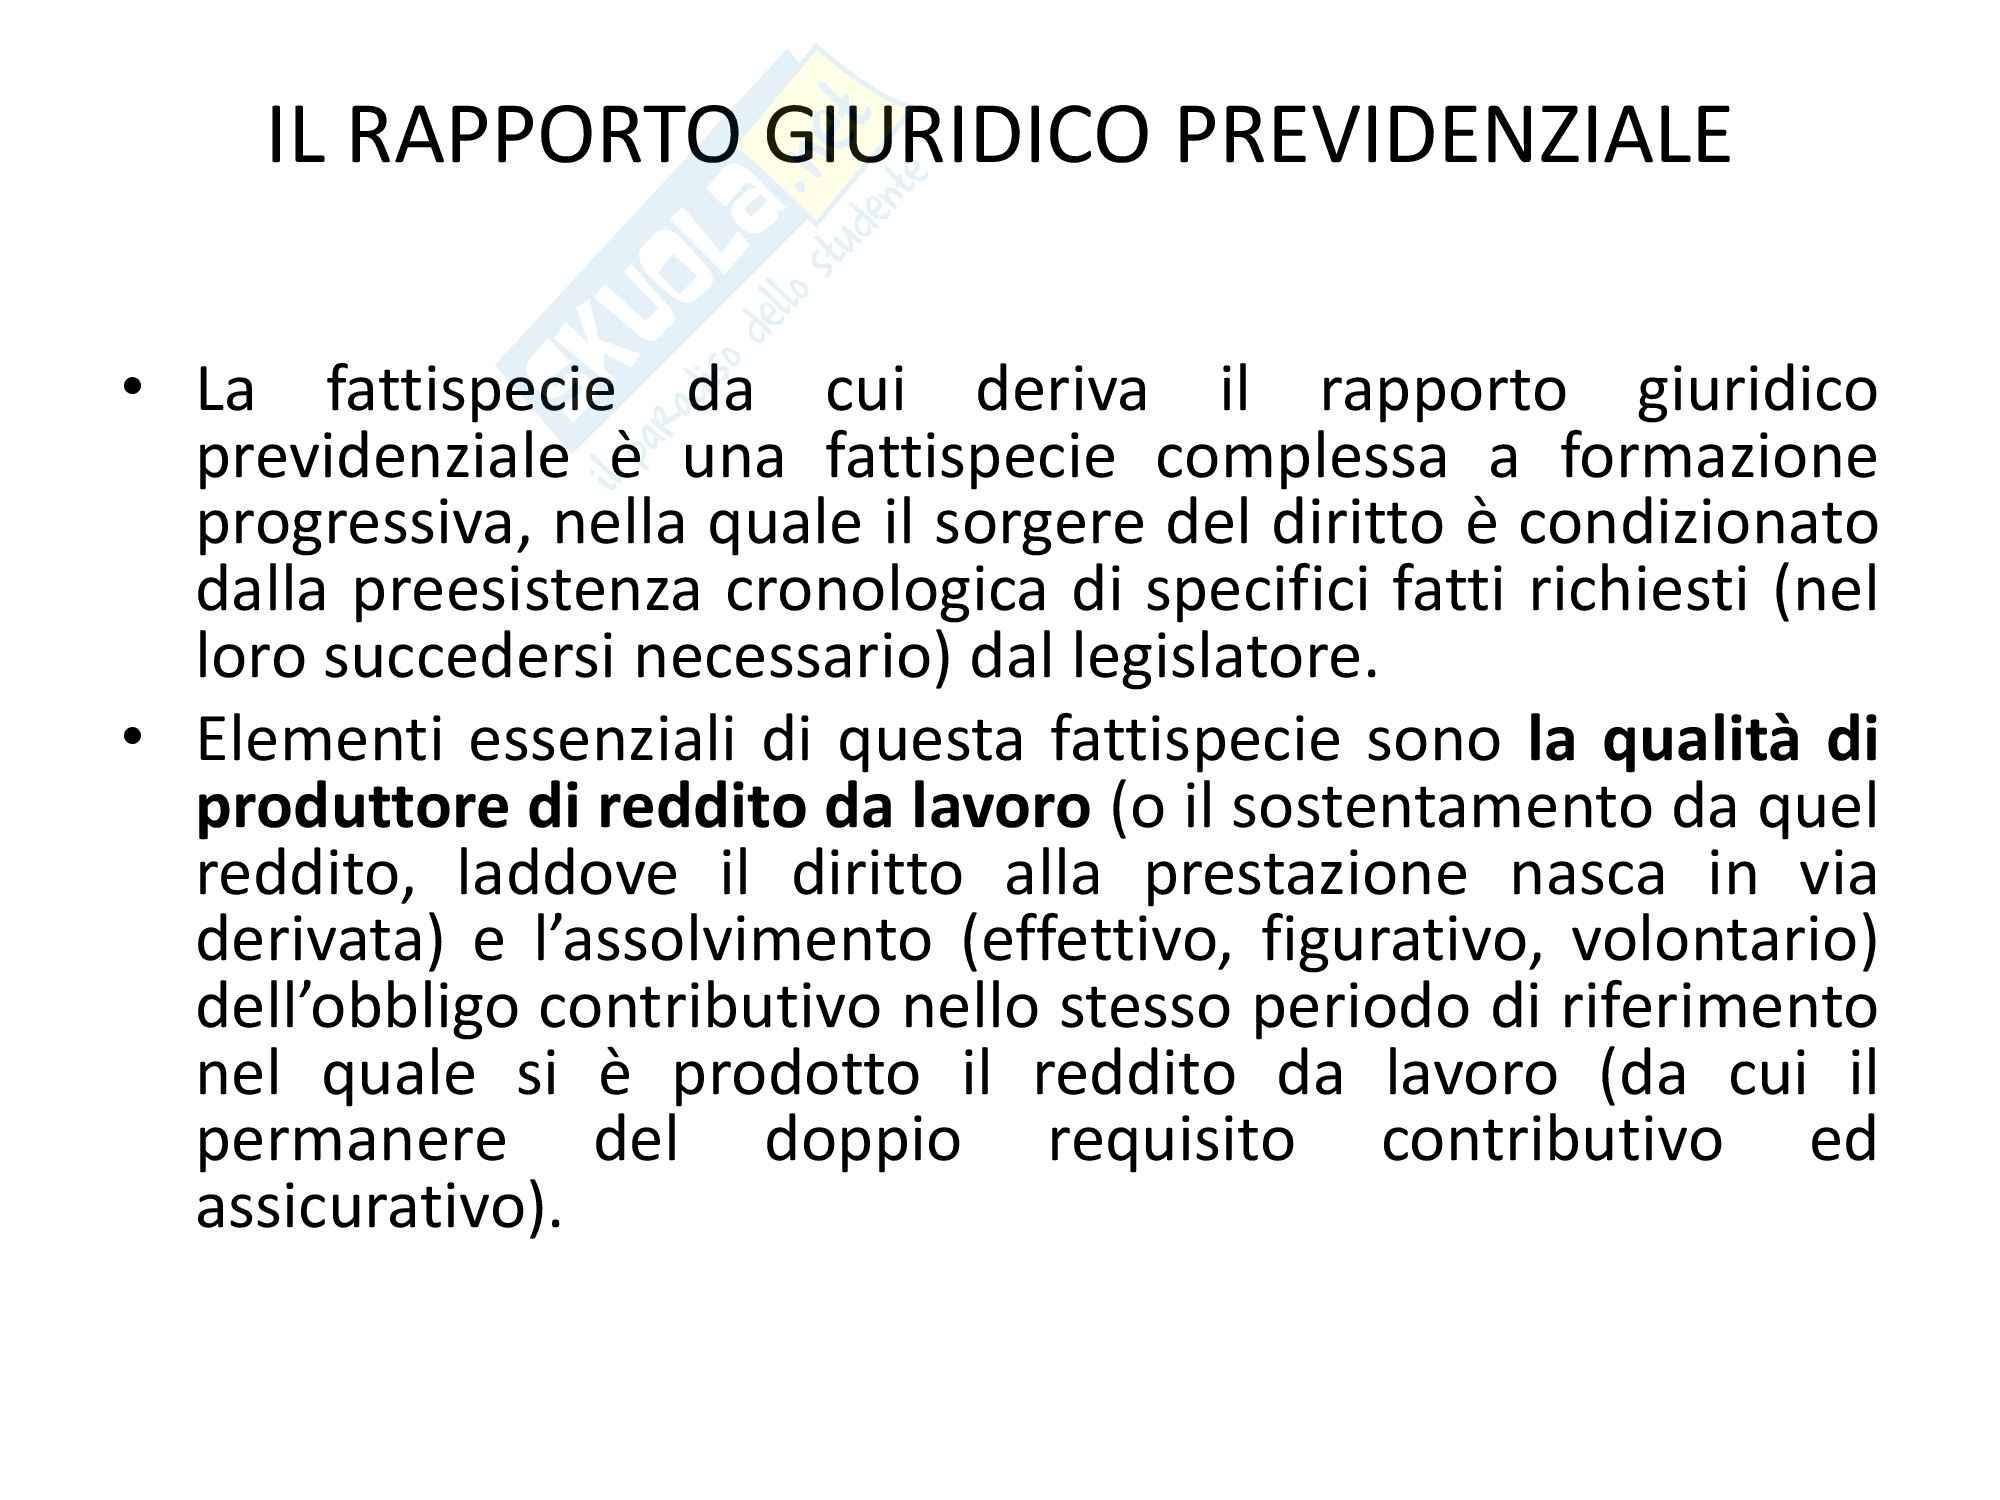 Diritto della previdenza sociale - Riassunto esame, prof. Battisti